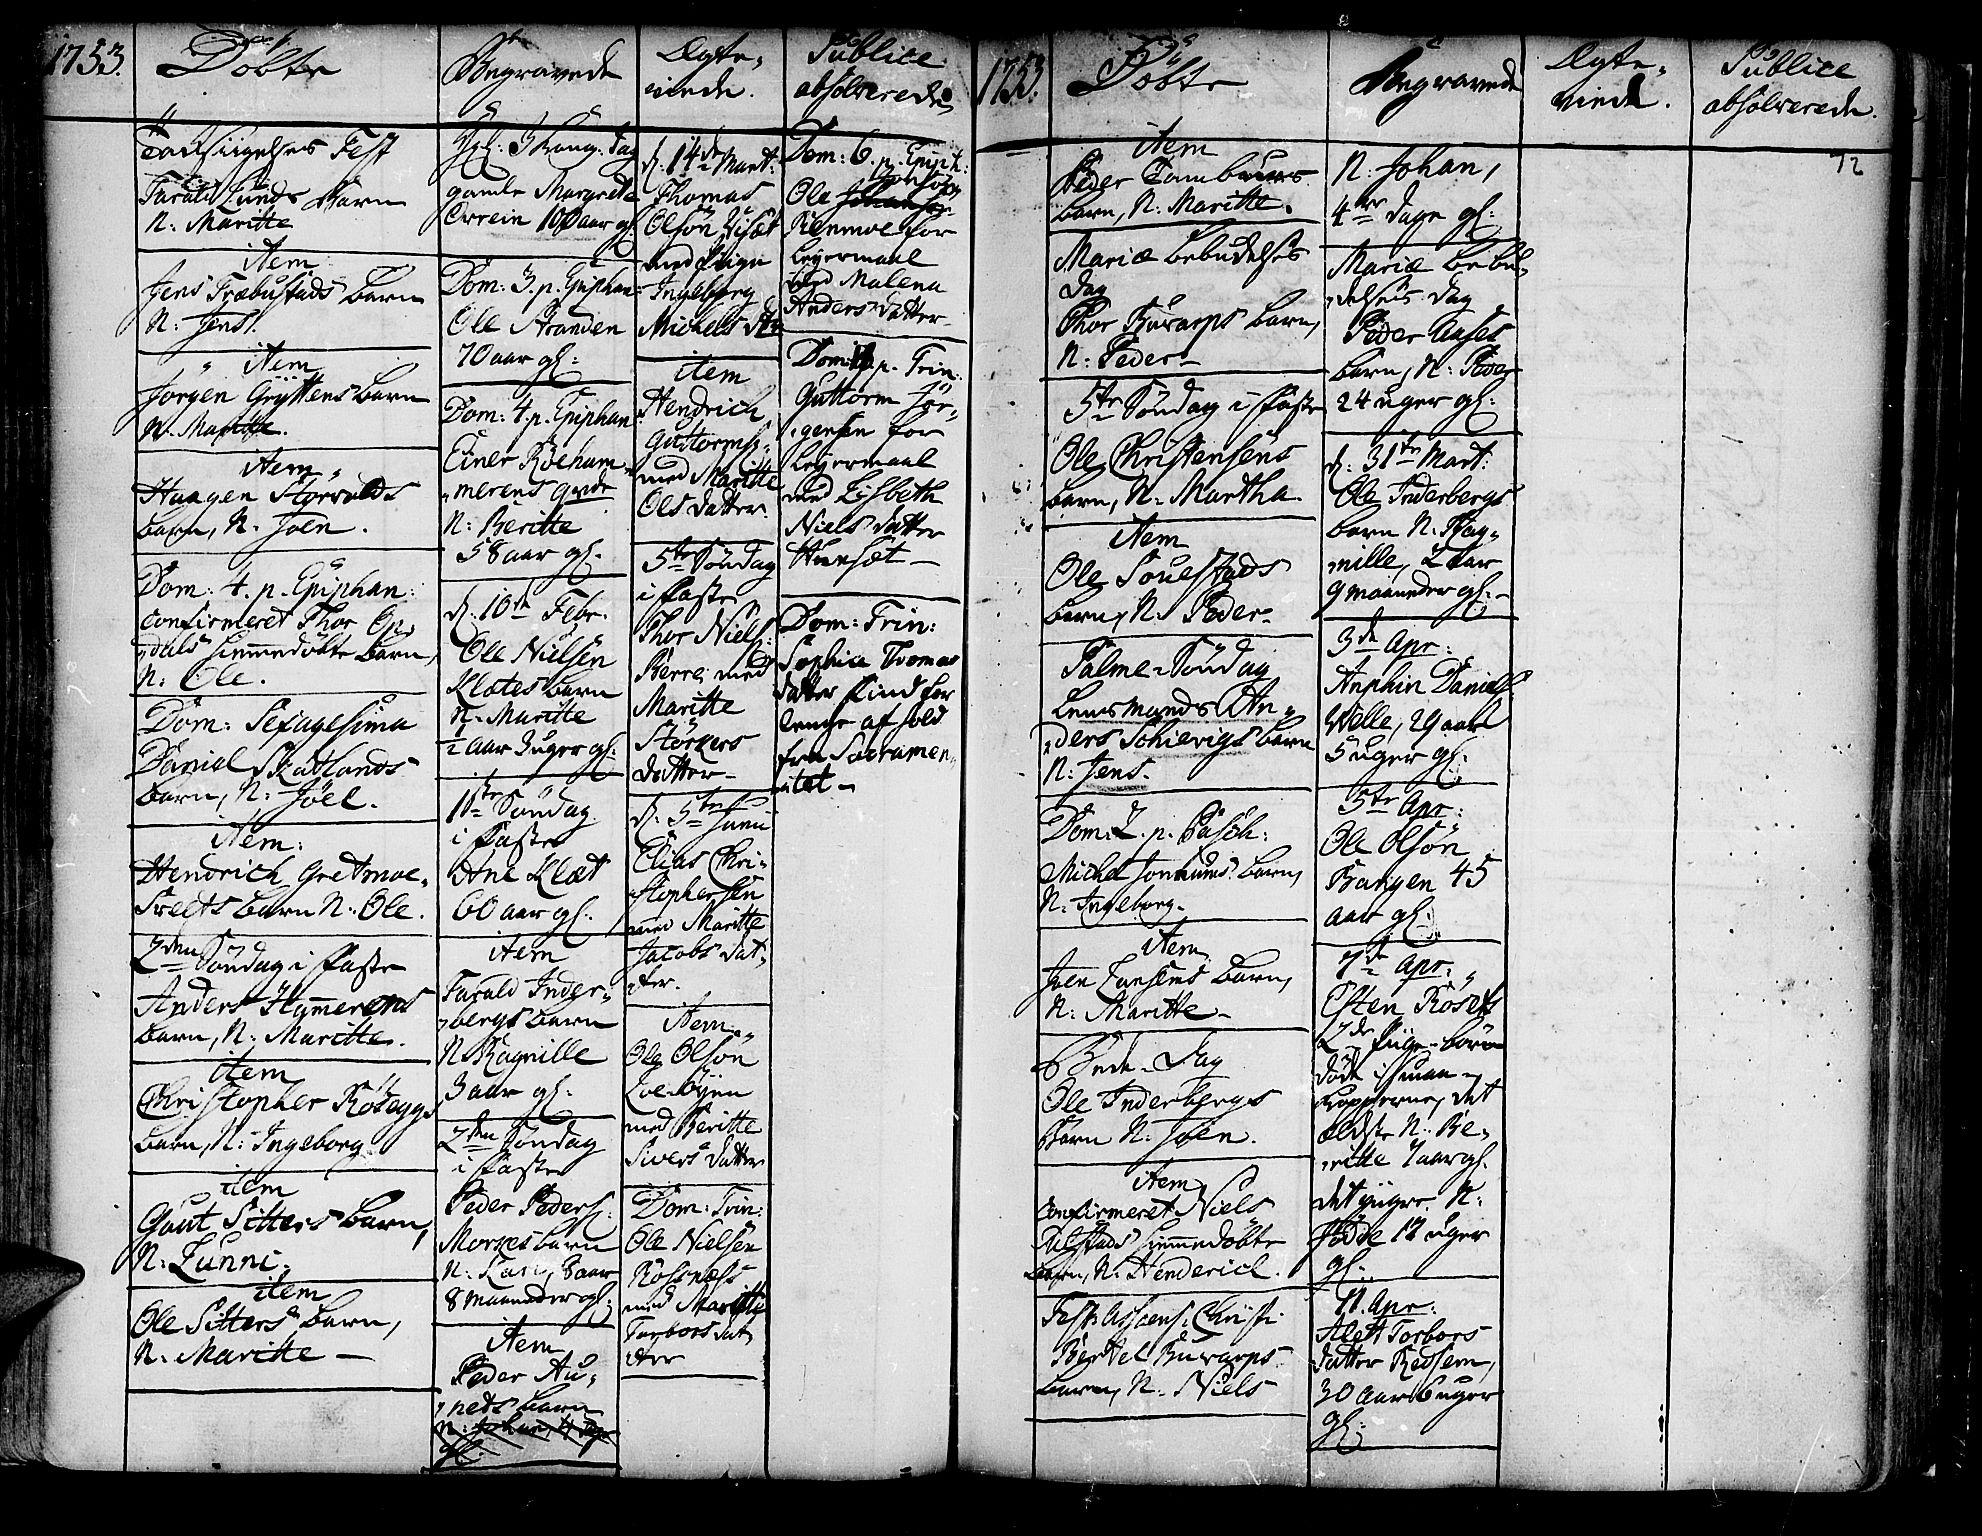 SAT, Ministerialprotokoller, klokkerbøker og fødselsregistre - Nord-Trøndelag, 741/L0385: Ministerialbok nr. 741A01, 1722-1815, s. 72